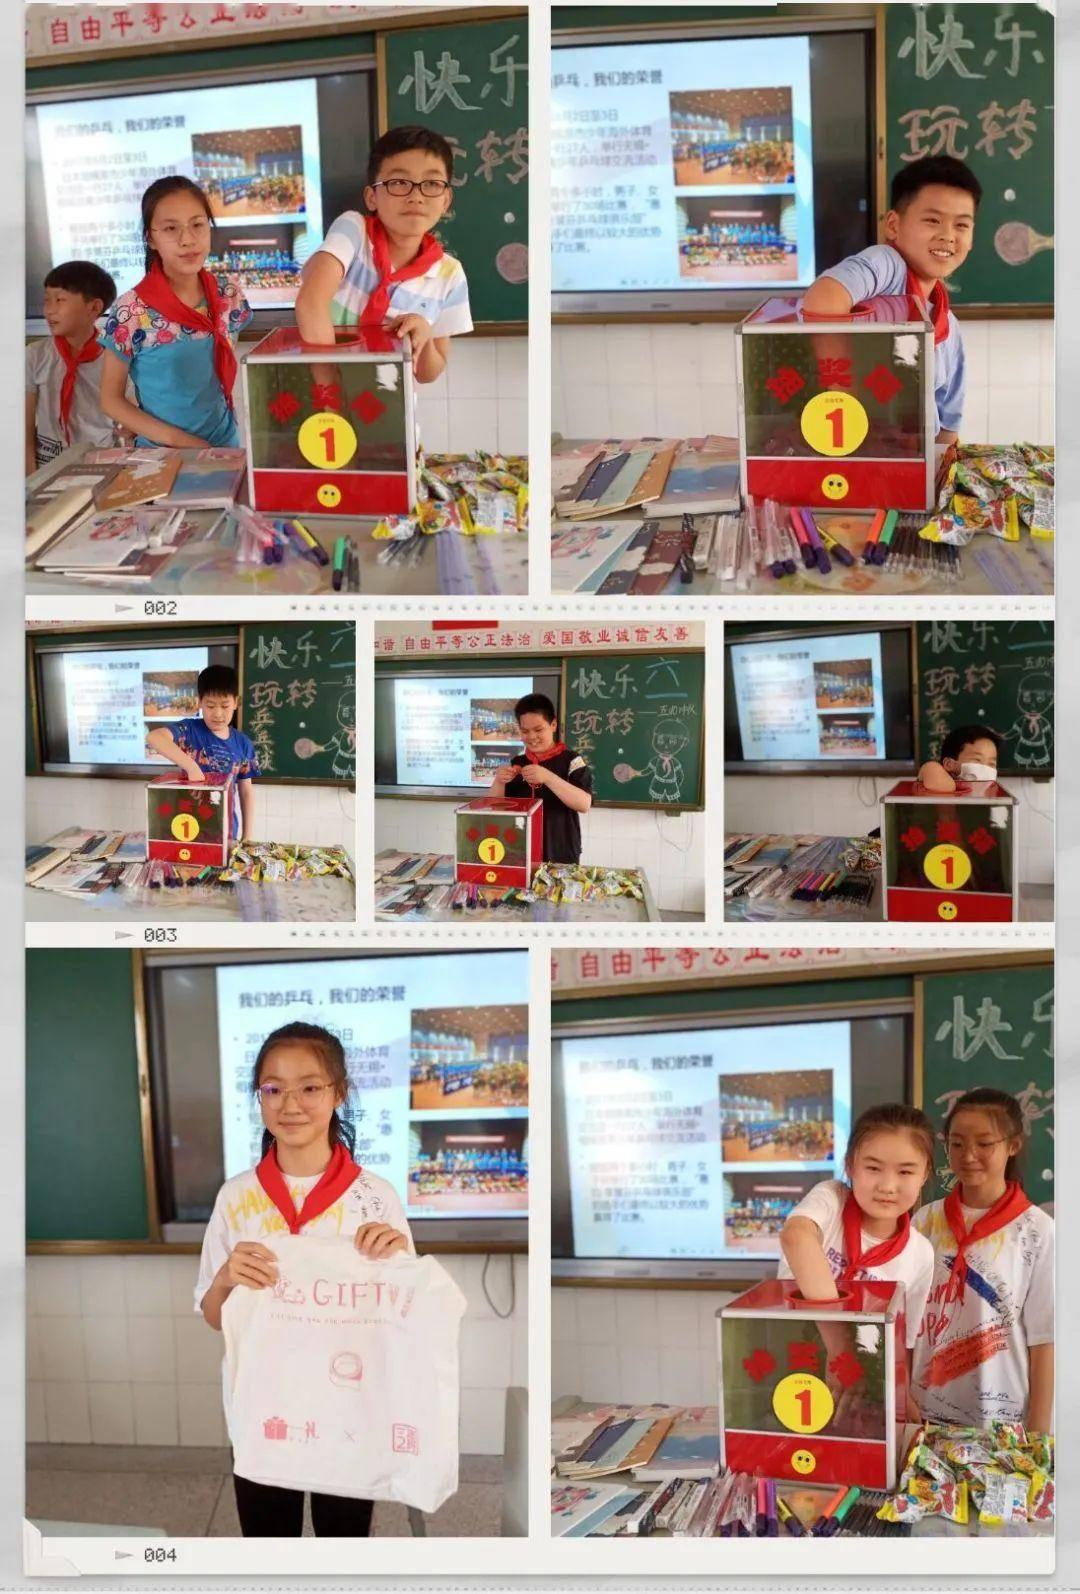 """用""""免做作业""""奖励学生 学校做法引争议-新闻频道-手机搜狐"""